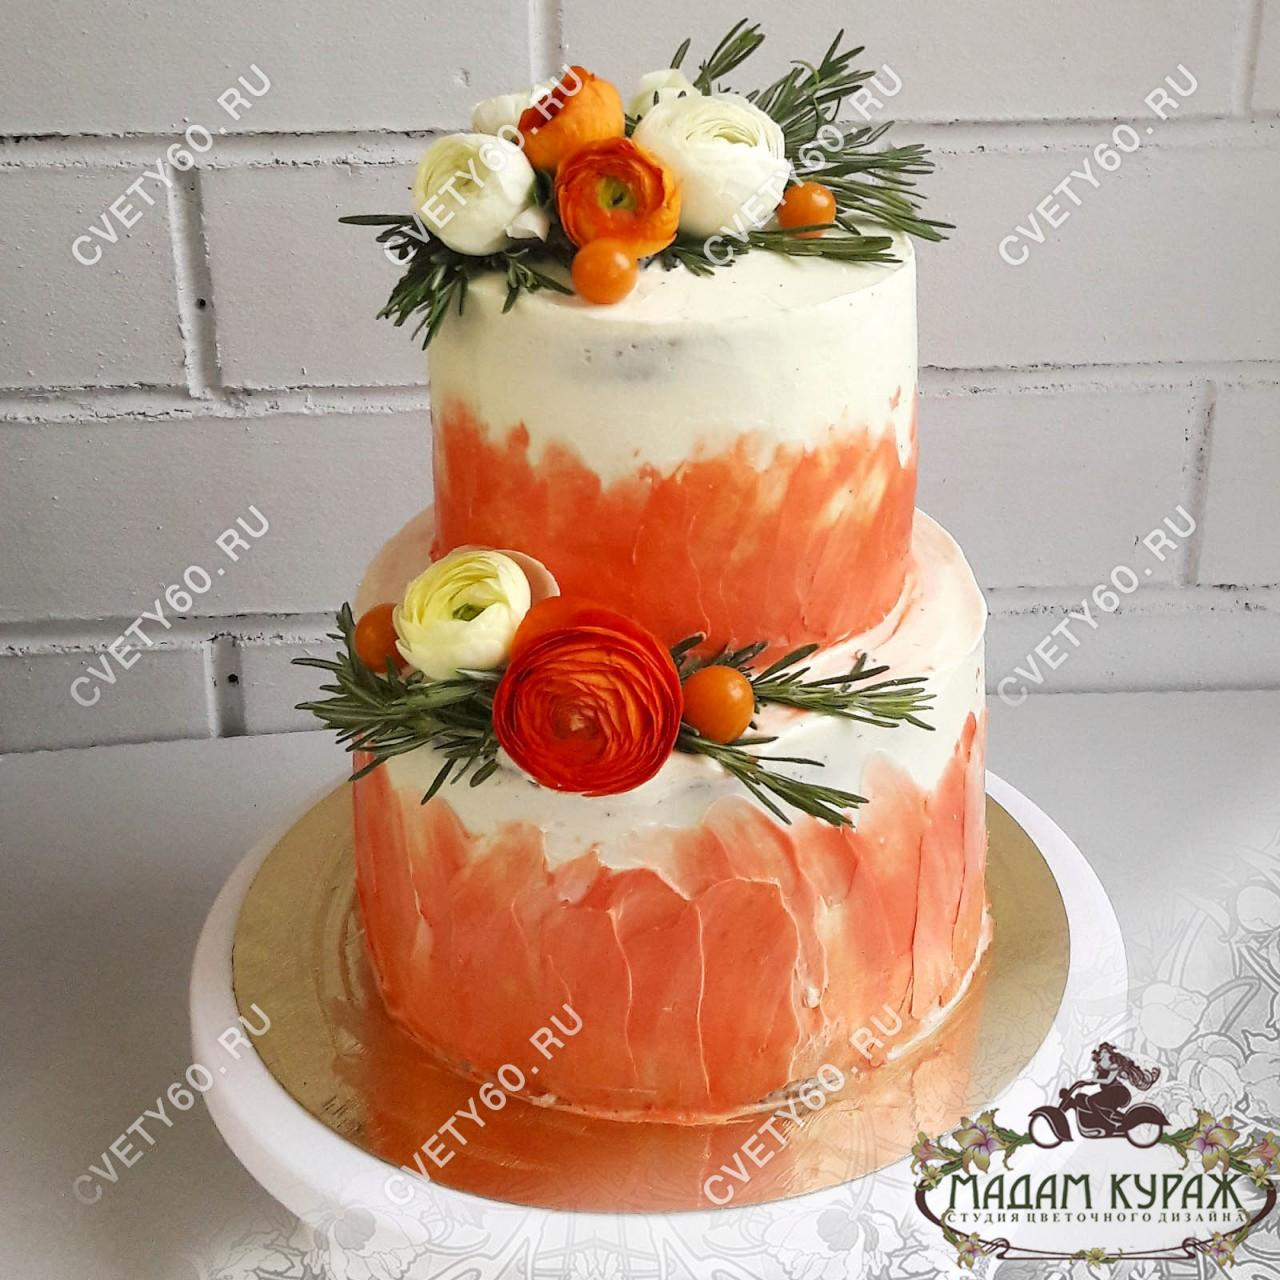 Двухъярусный торт в Пскове, украшенный живыми цветами.